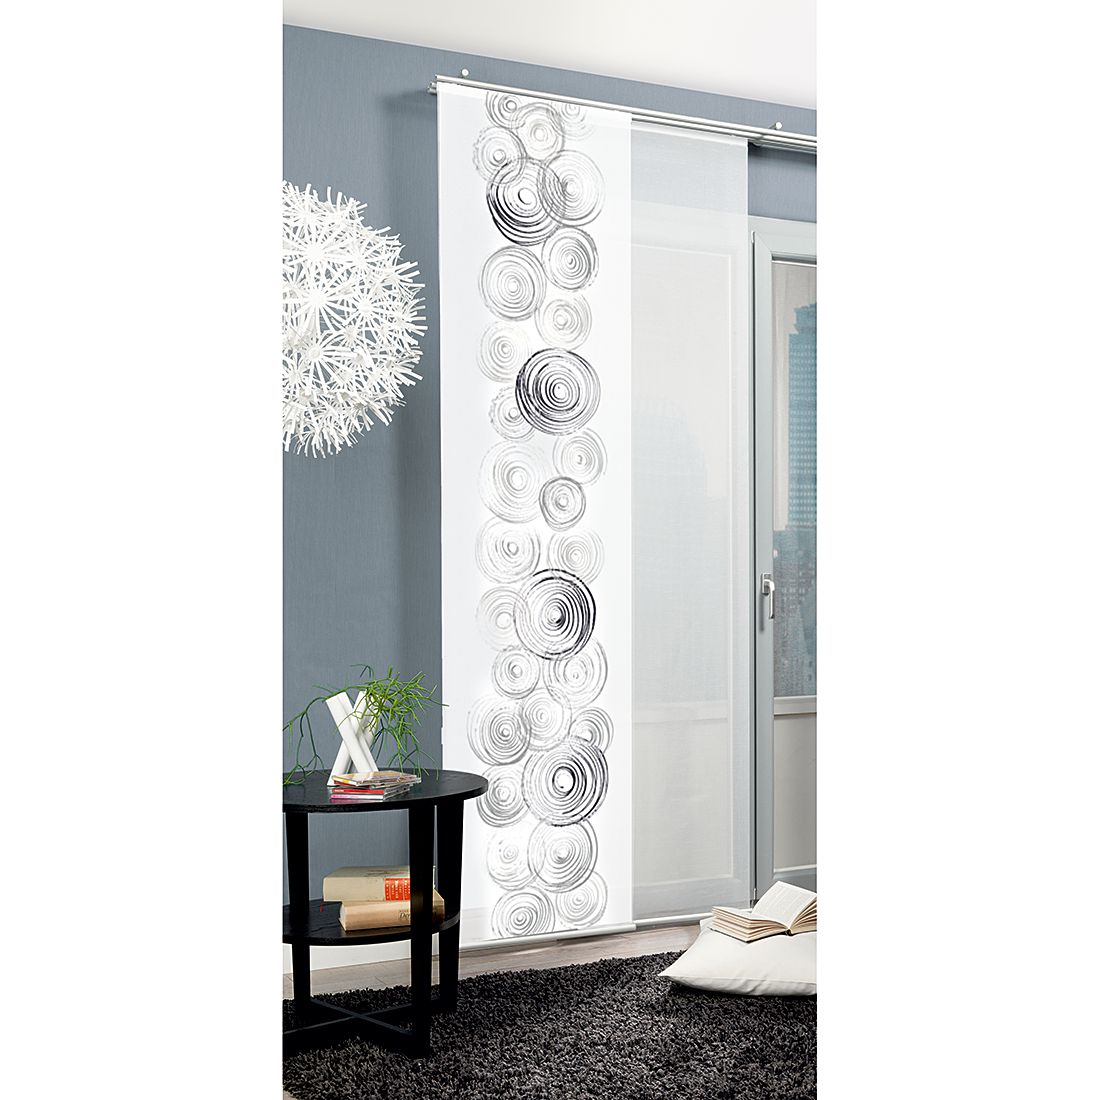 Schiebevorhang Circles – Schwarz/Weiß, Home Wohnideen günstig online kaufen